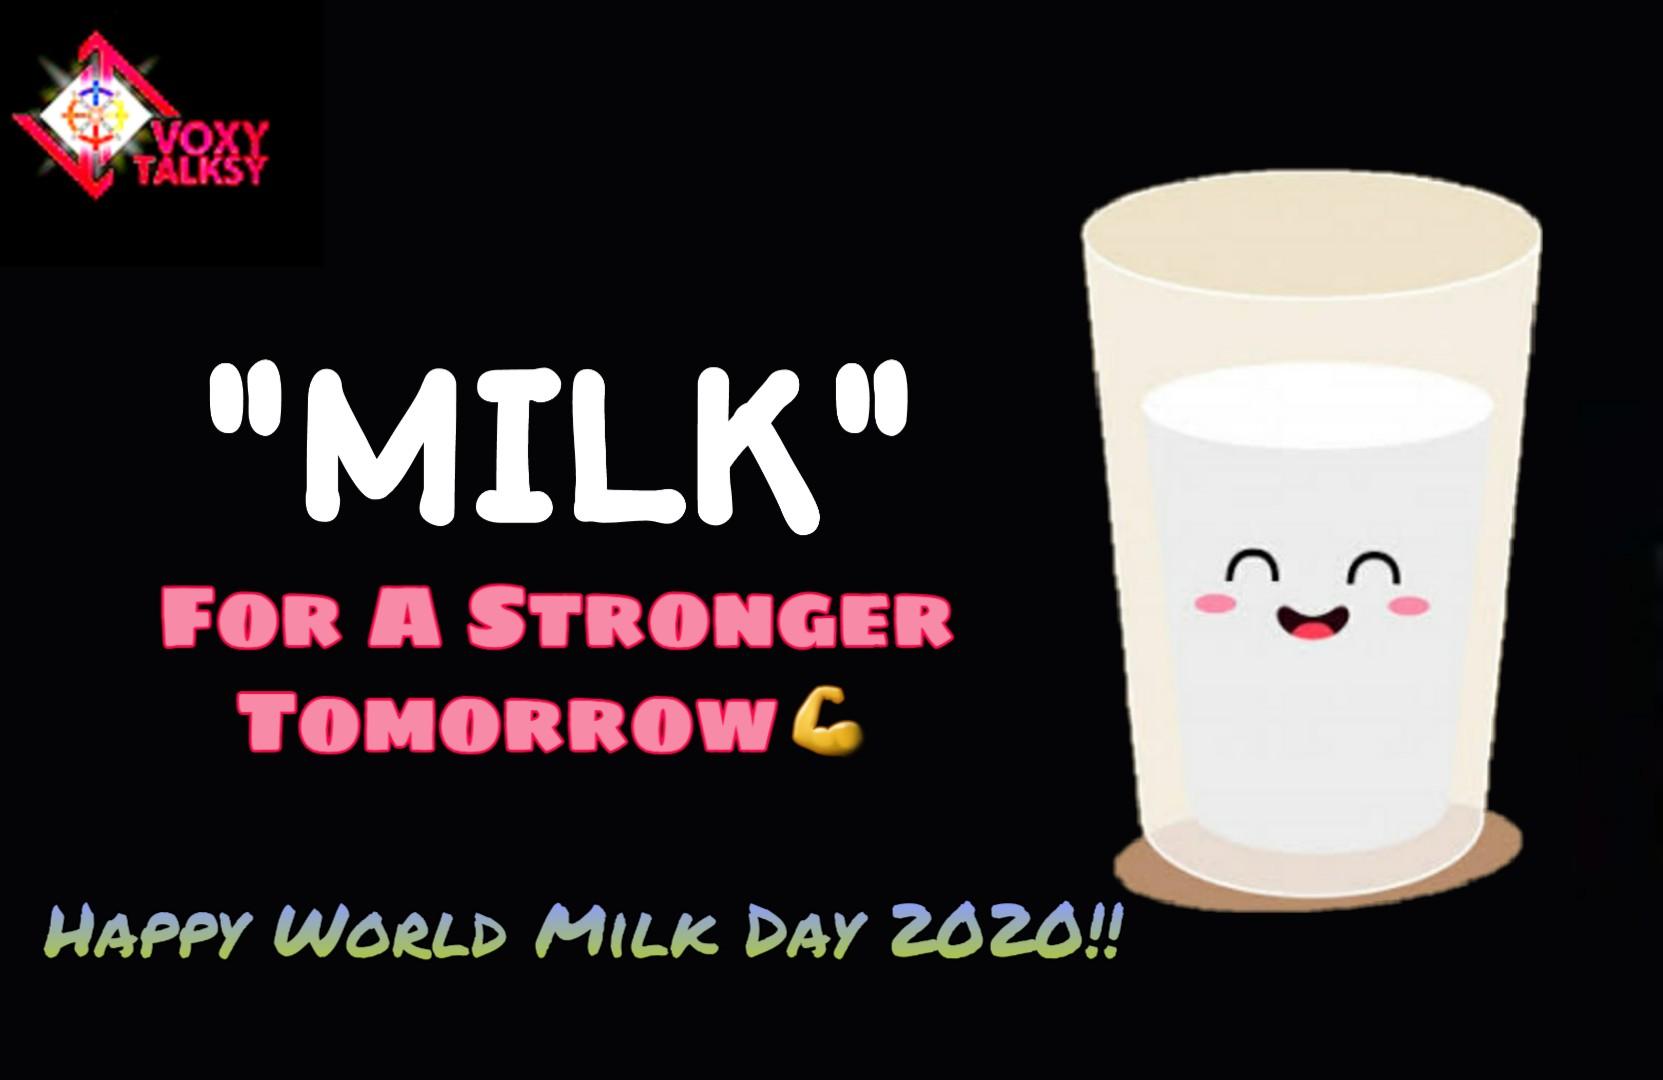 World Milk Day 2020 , VoxyTalksy